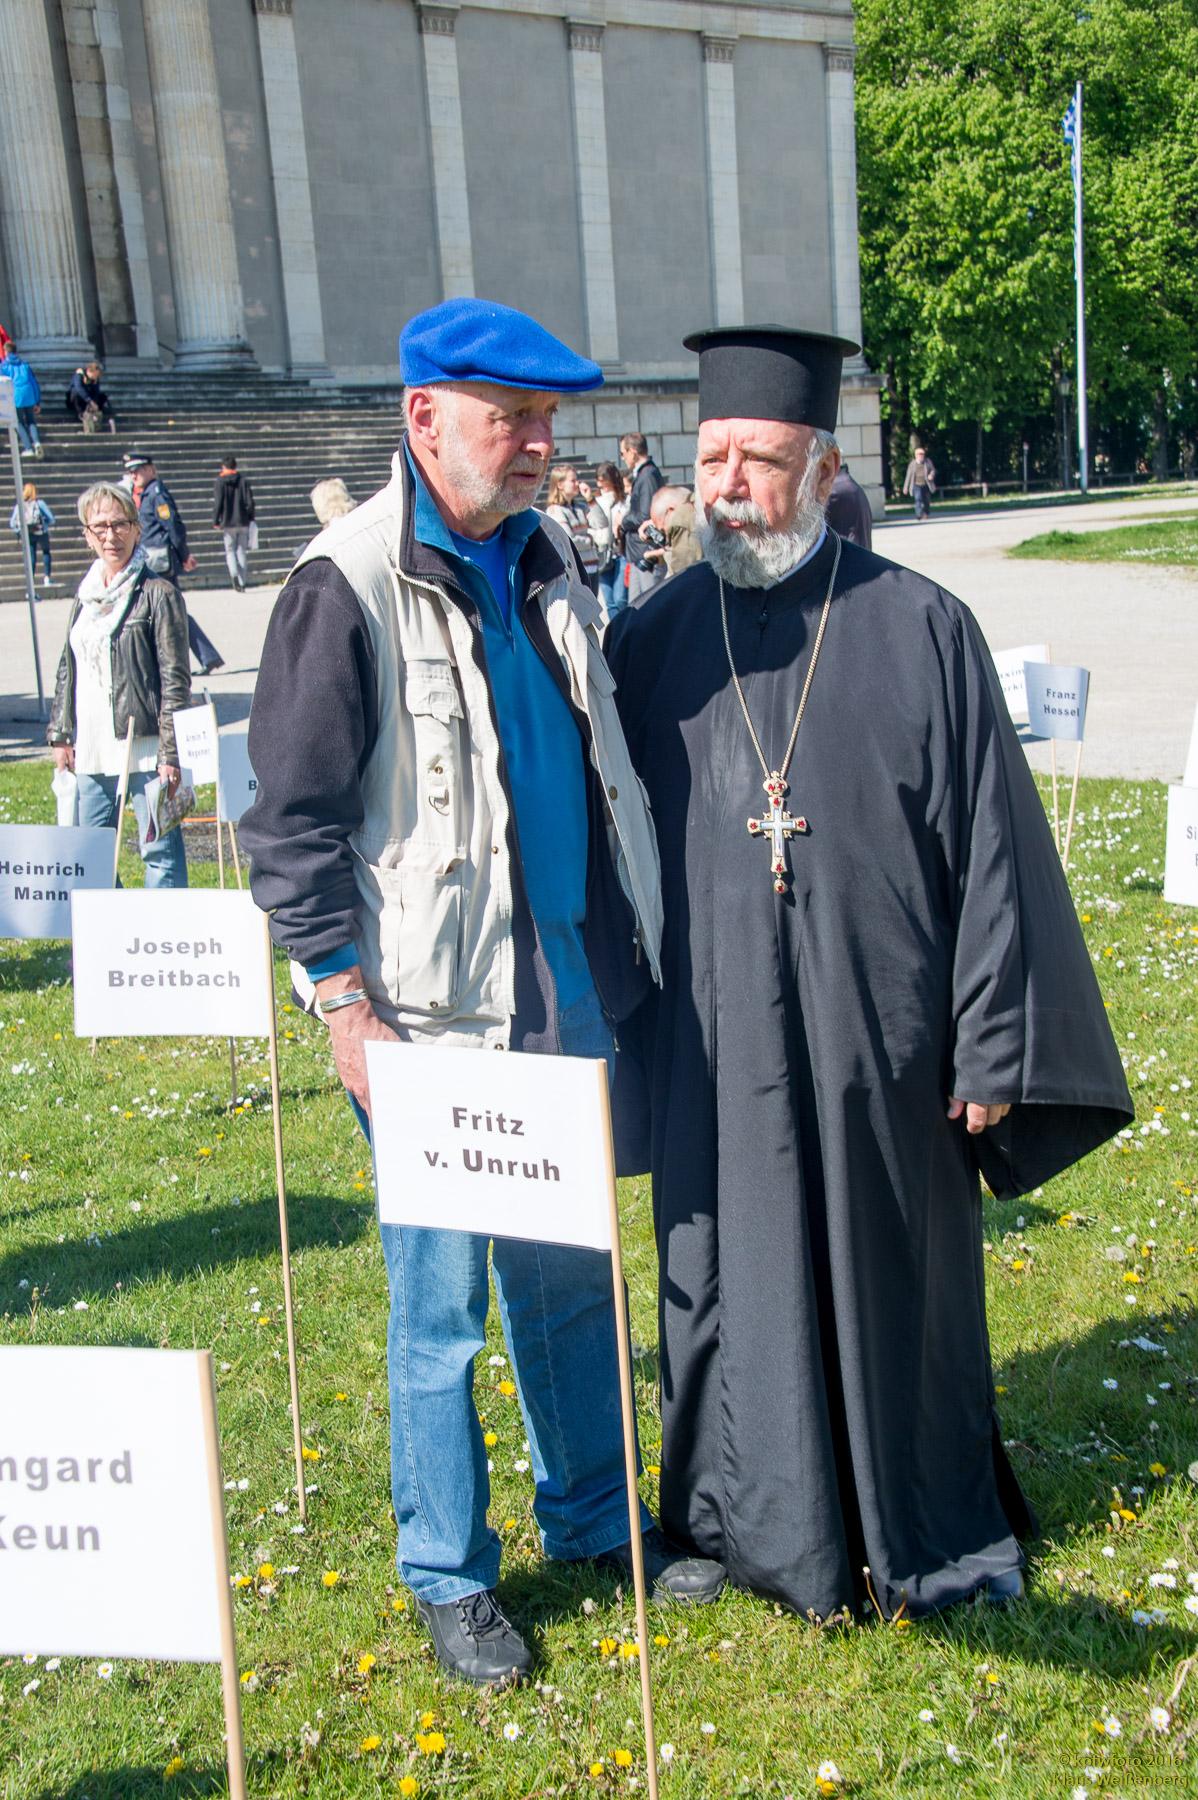 Ο Πρωτοπρεσβύτερος Απόστολος Μαλαμούσης με τον καλλιτέχνη και διοργανωτή κ. Βόλραμ Κάστνερ στη Βασιλική Πλατεία Μονάχου (Φωτογράφος ο κ. Klaus Weißenberg)